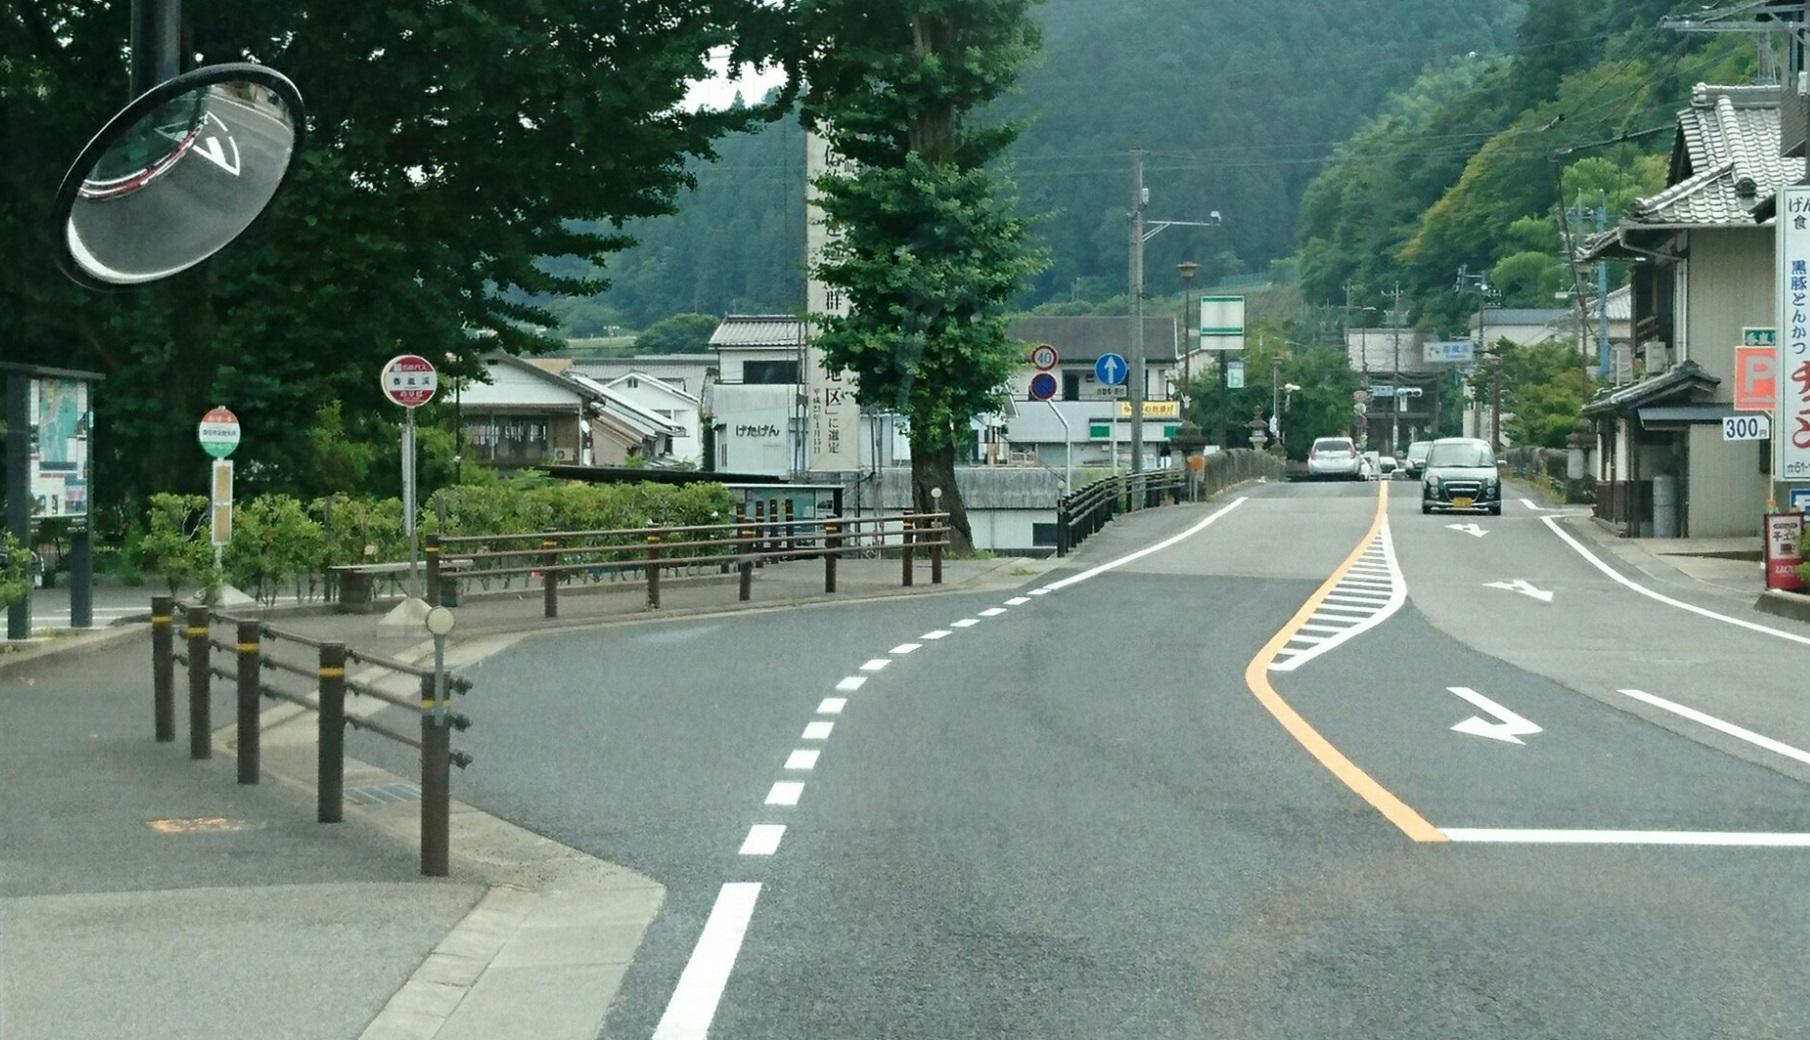 2018.6.22 (74) 足助いきバス - 香嵐渓バス停 1810-1040